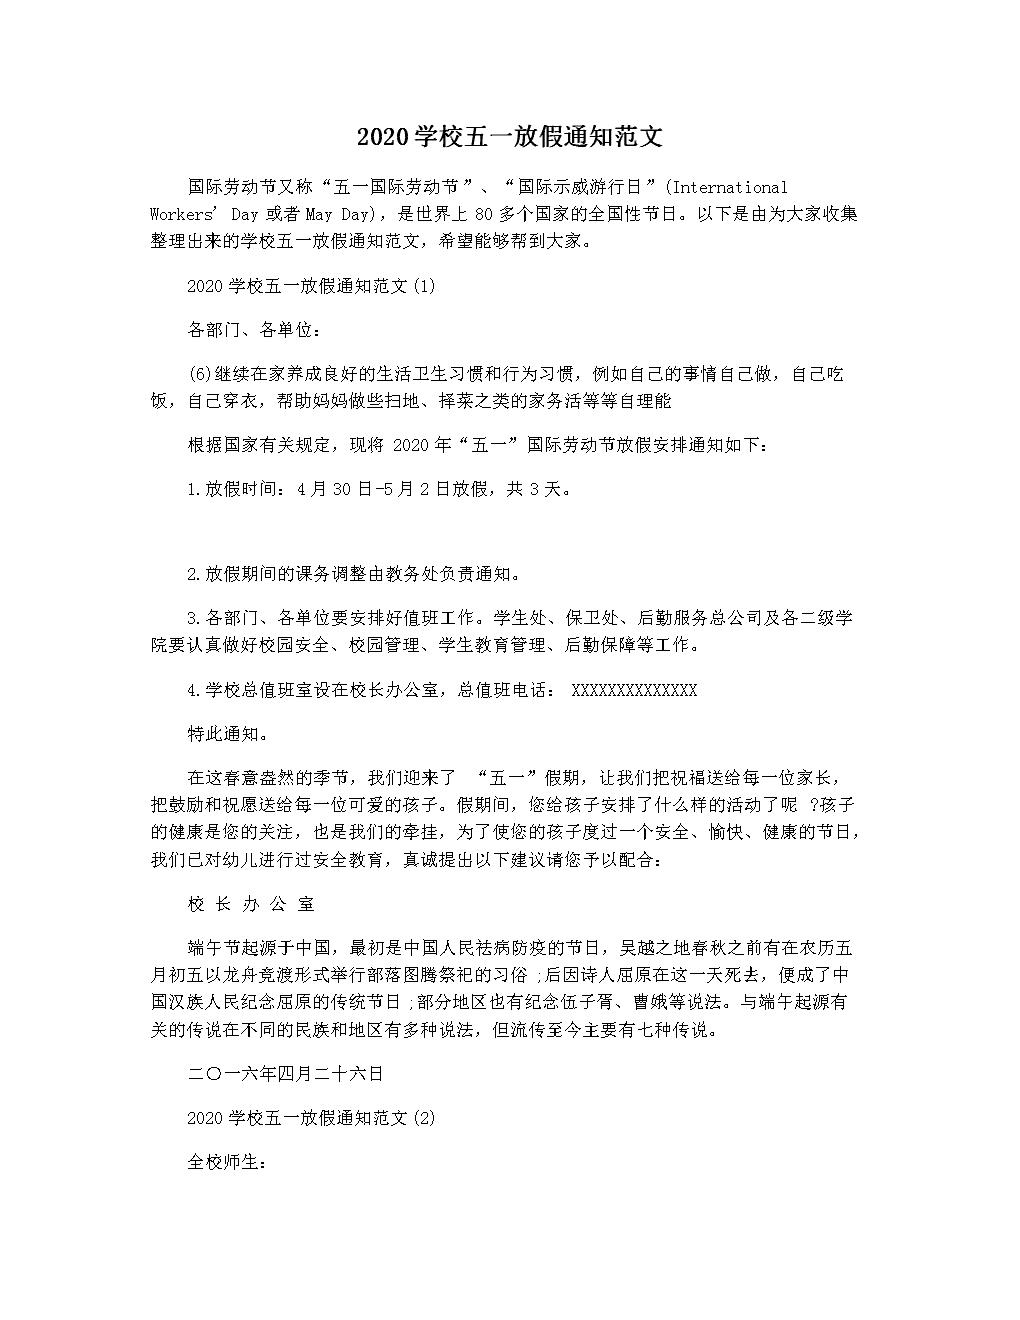 2020学校五一放假通知范文.docx